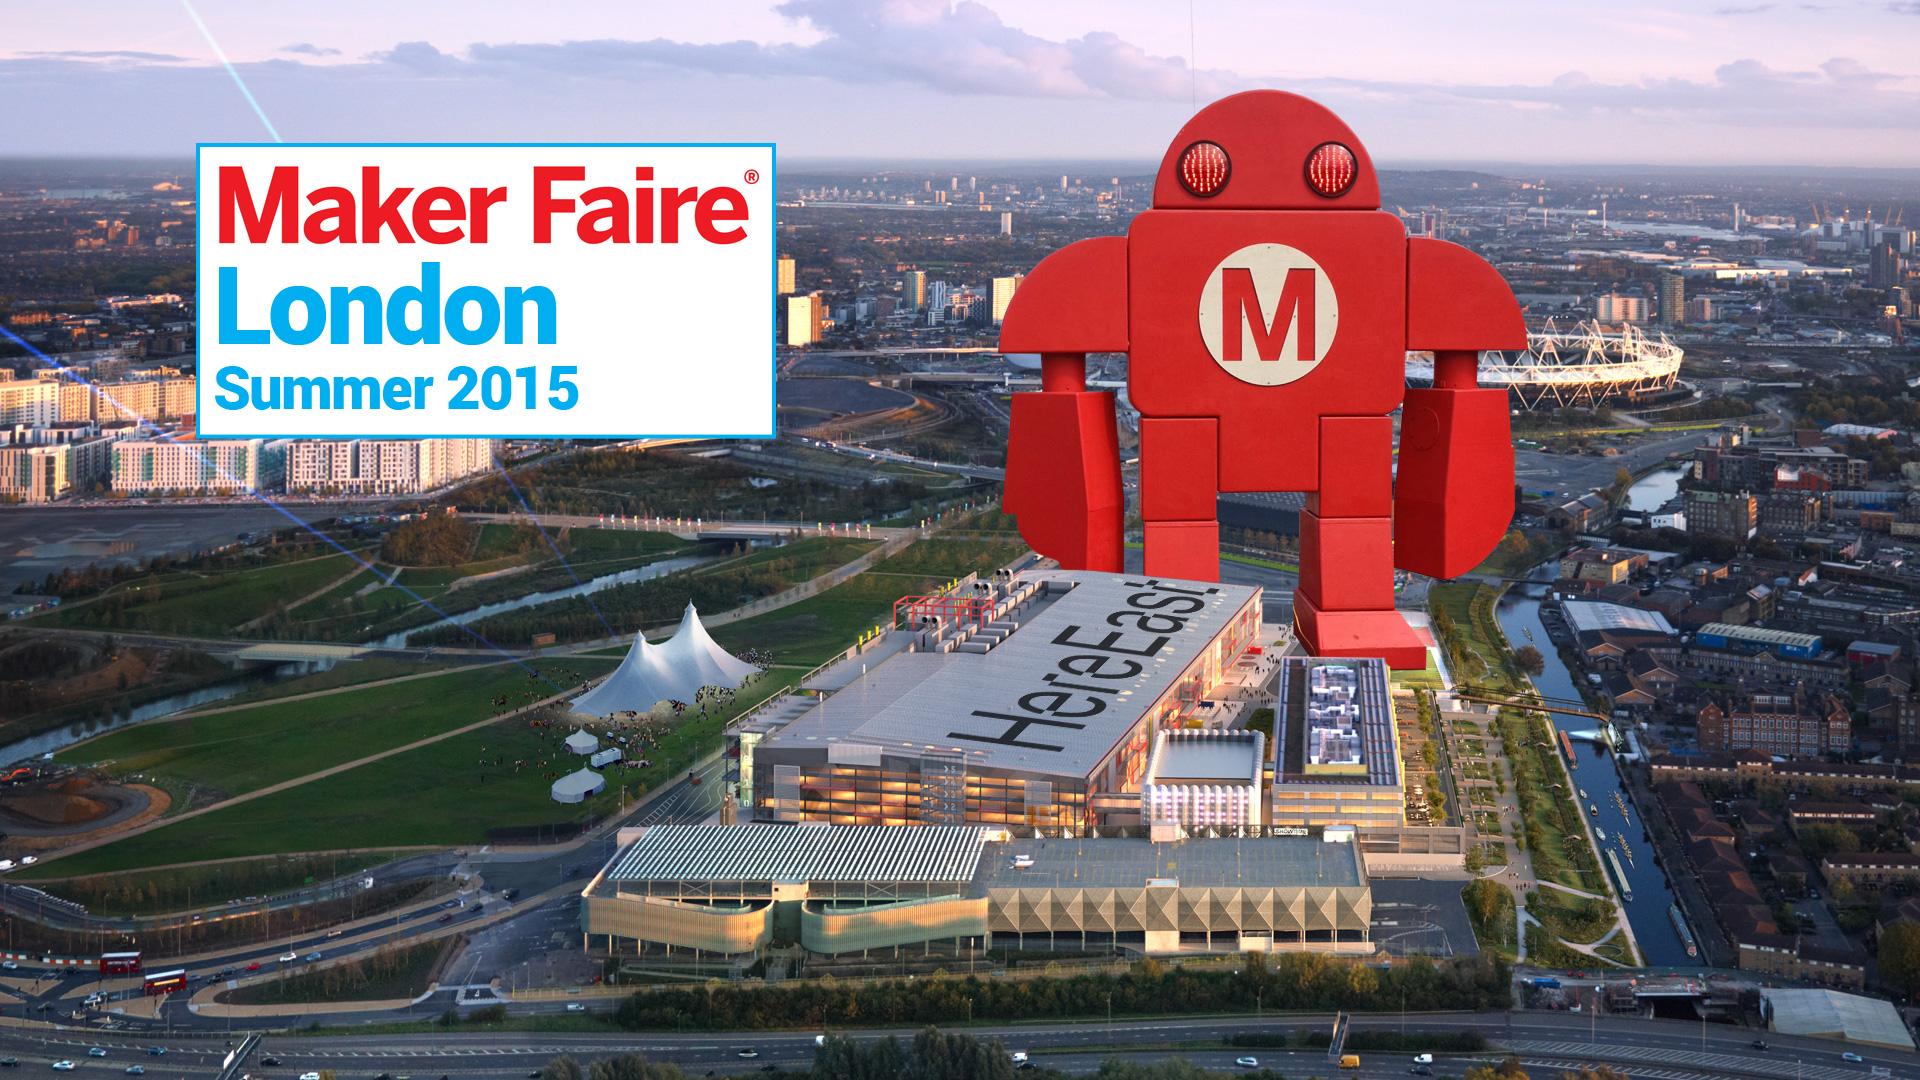 La Maker Faire organizzata a Londra. Ogni anno sono centinaia le comunità locali che si attivano per accogliere la fiera nella propria città